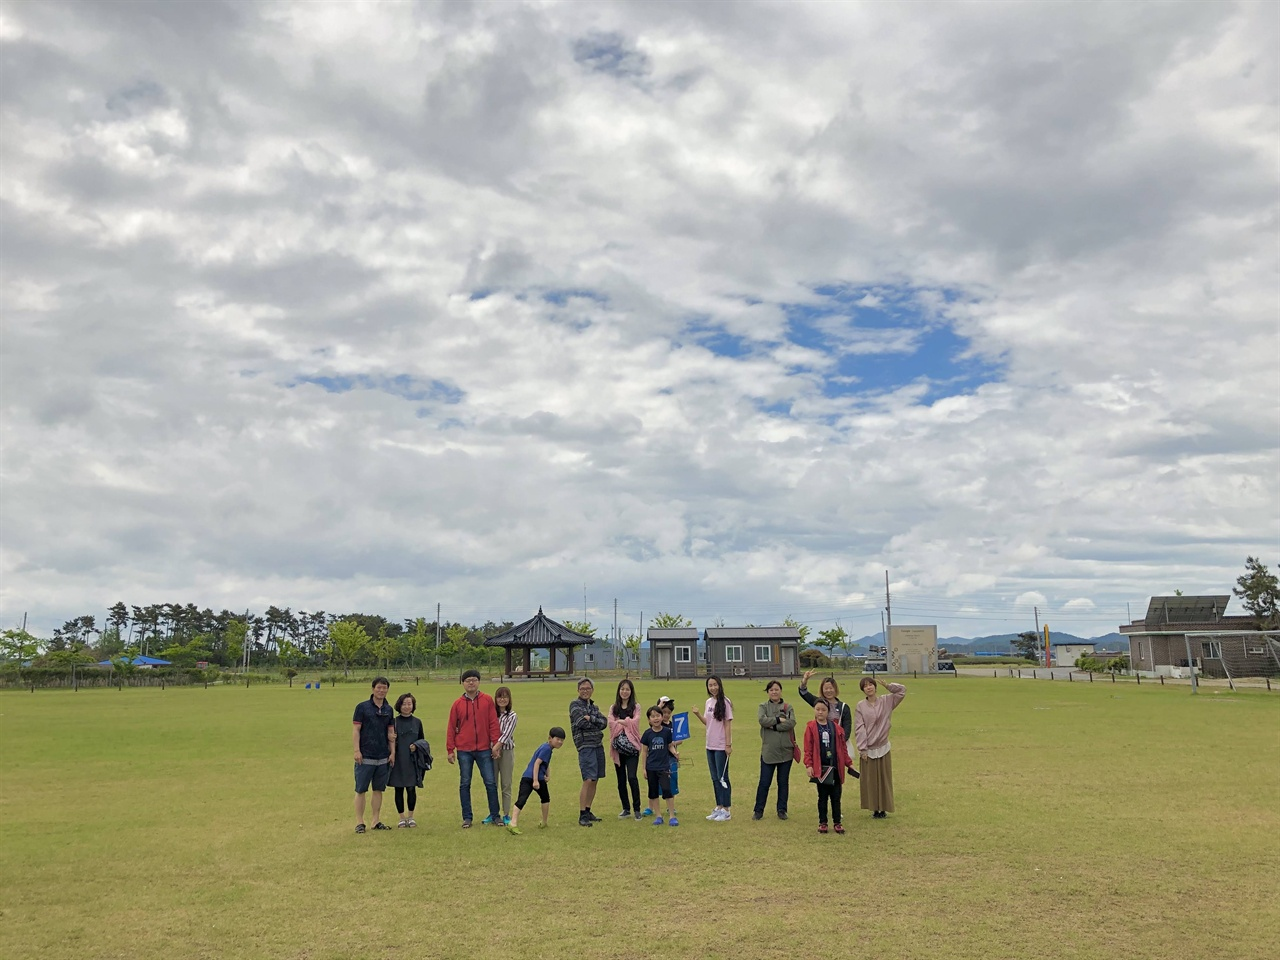 사람이 있어 다행이다, 느꼈어요.  지난 5월 17일부터 도초도에서 열린 '섬마을 인생학교'의 한 장면이예요. 싱그러운 초록의 잔디 만큼이나 따뜻하고 싱그러운 사람들 덕분에, 한참을 행복했습니다. 감사합니다!